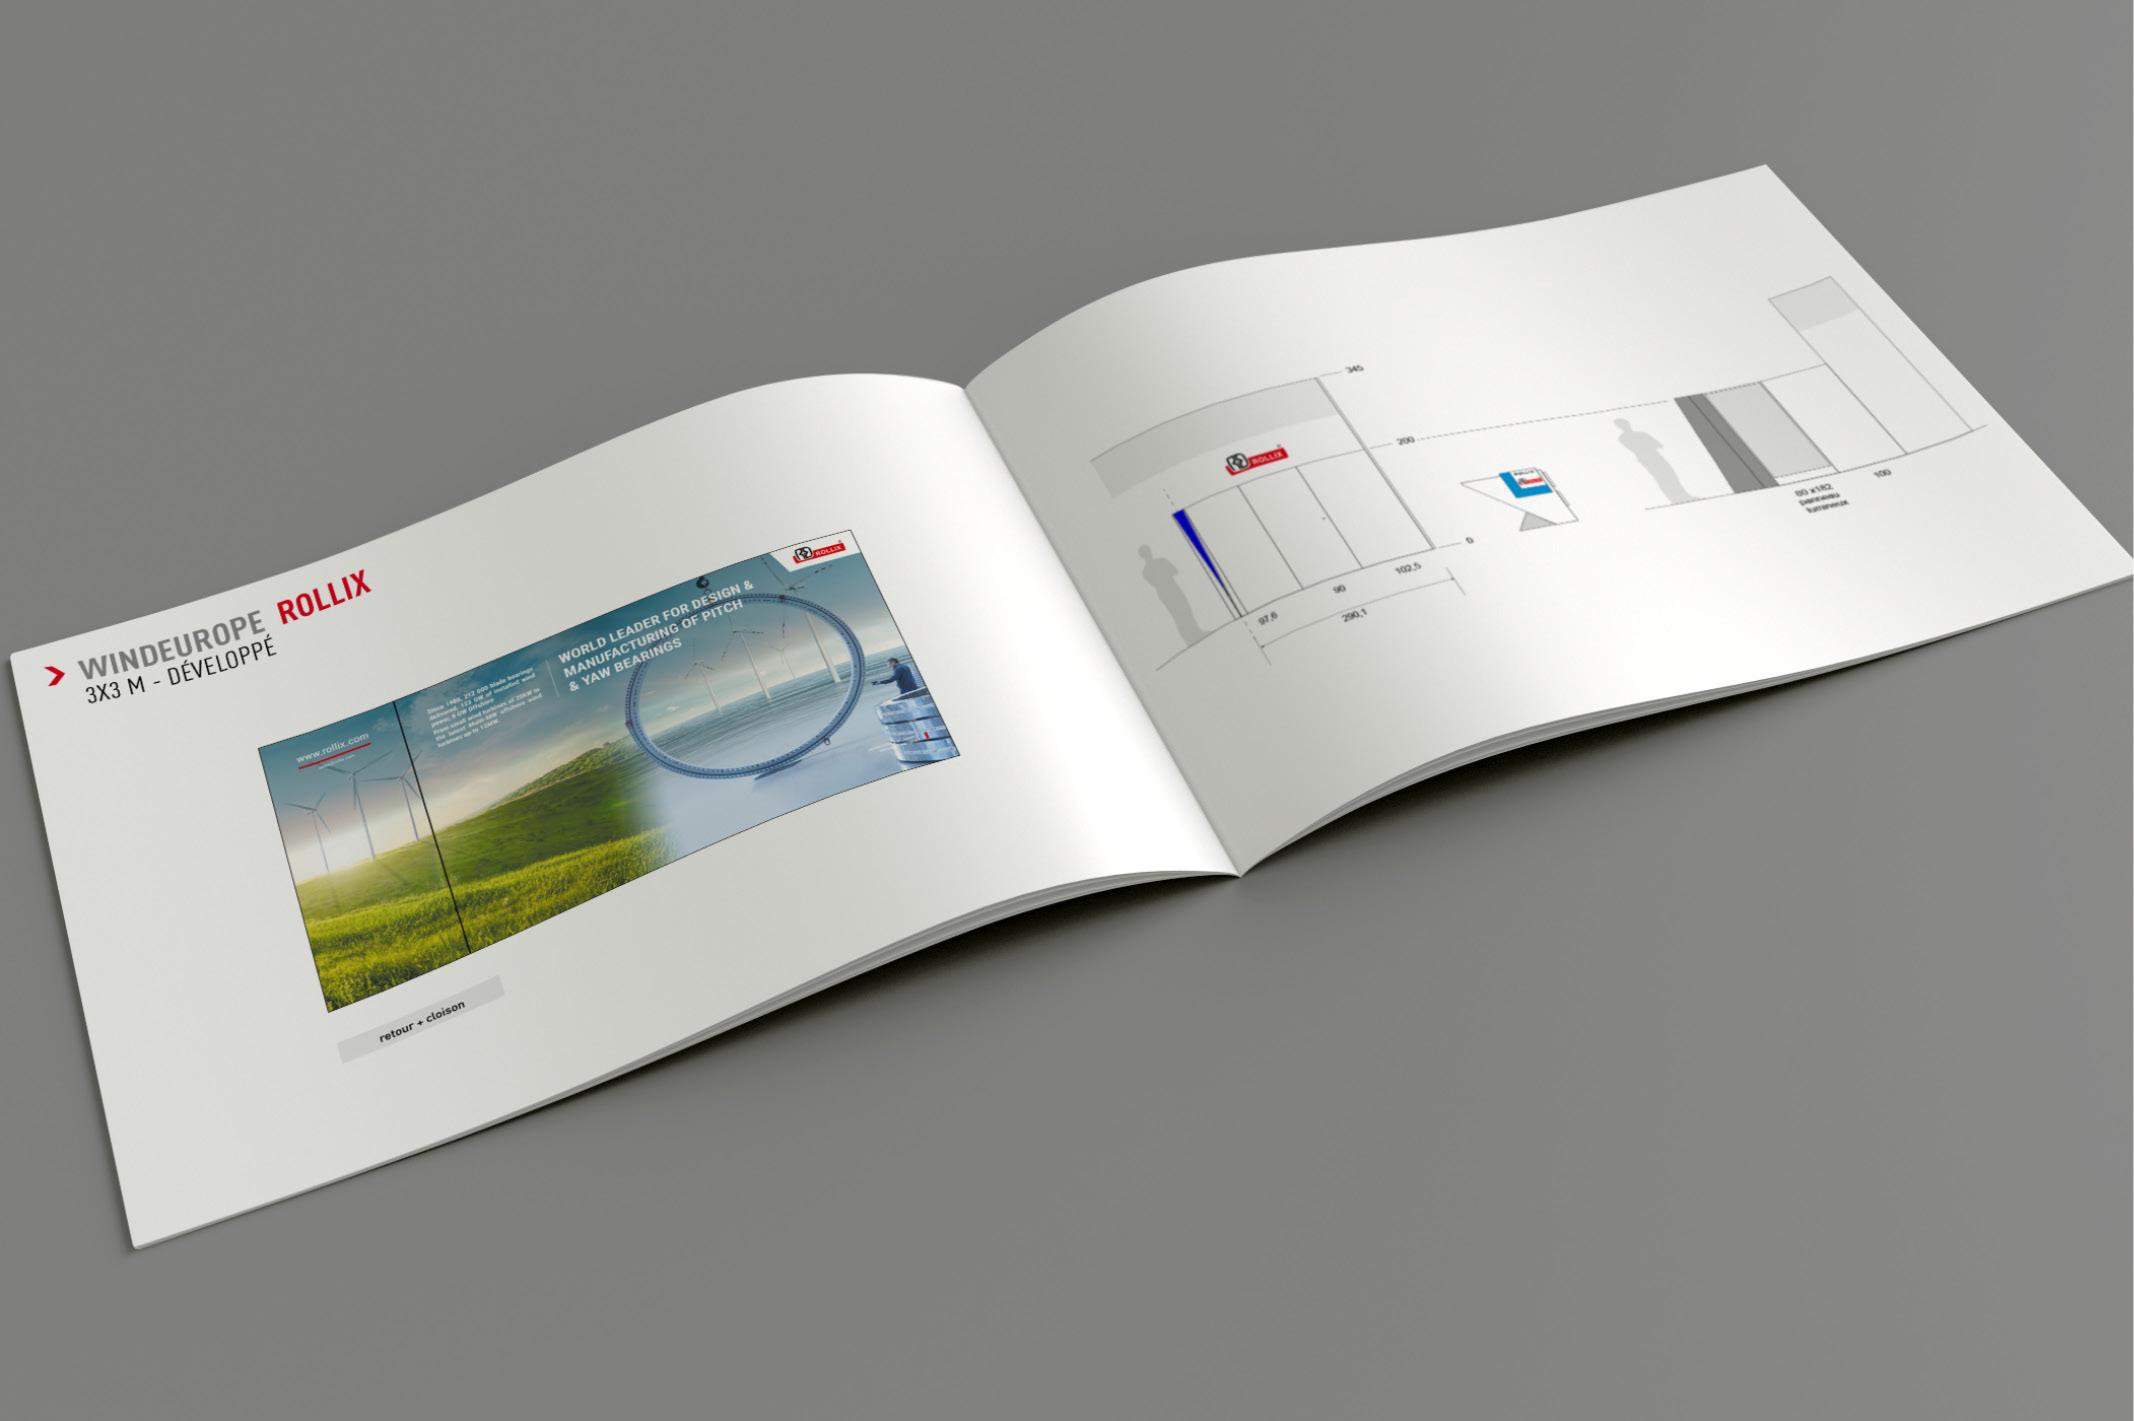 Bicub a travaillé sur la création graphique du stand Rollix pour le WindEurope 2019